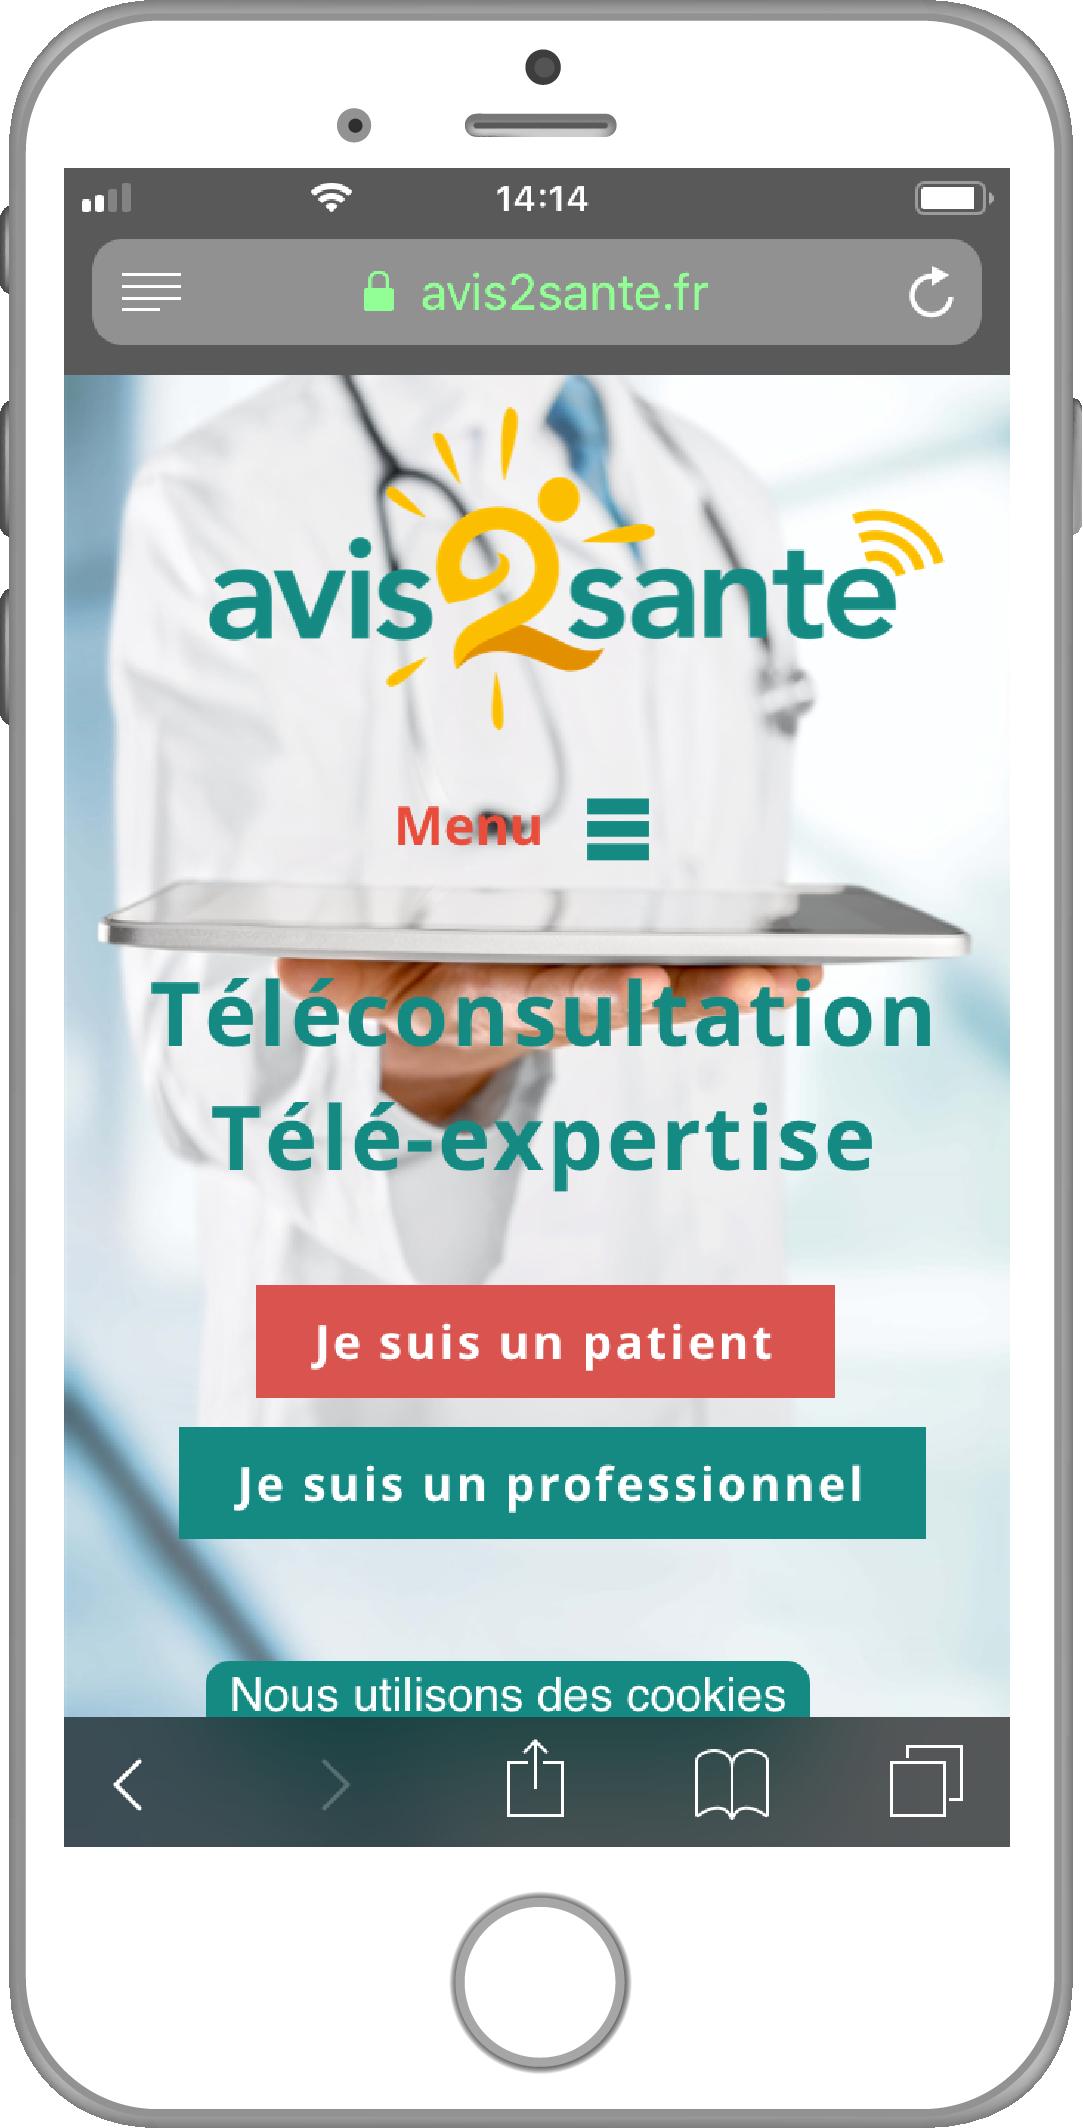 avis2sante teleconsultation tele-expertise